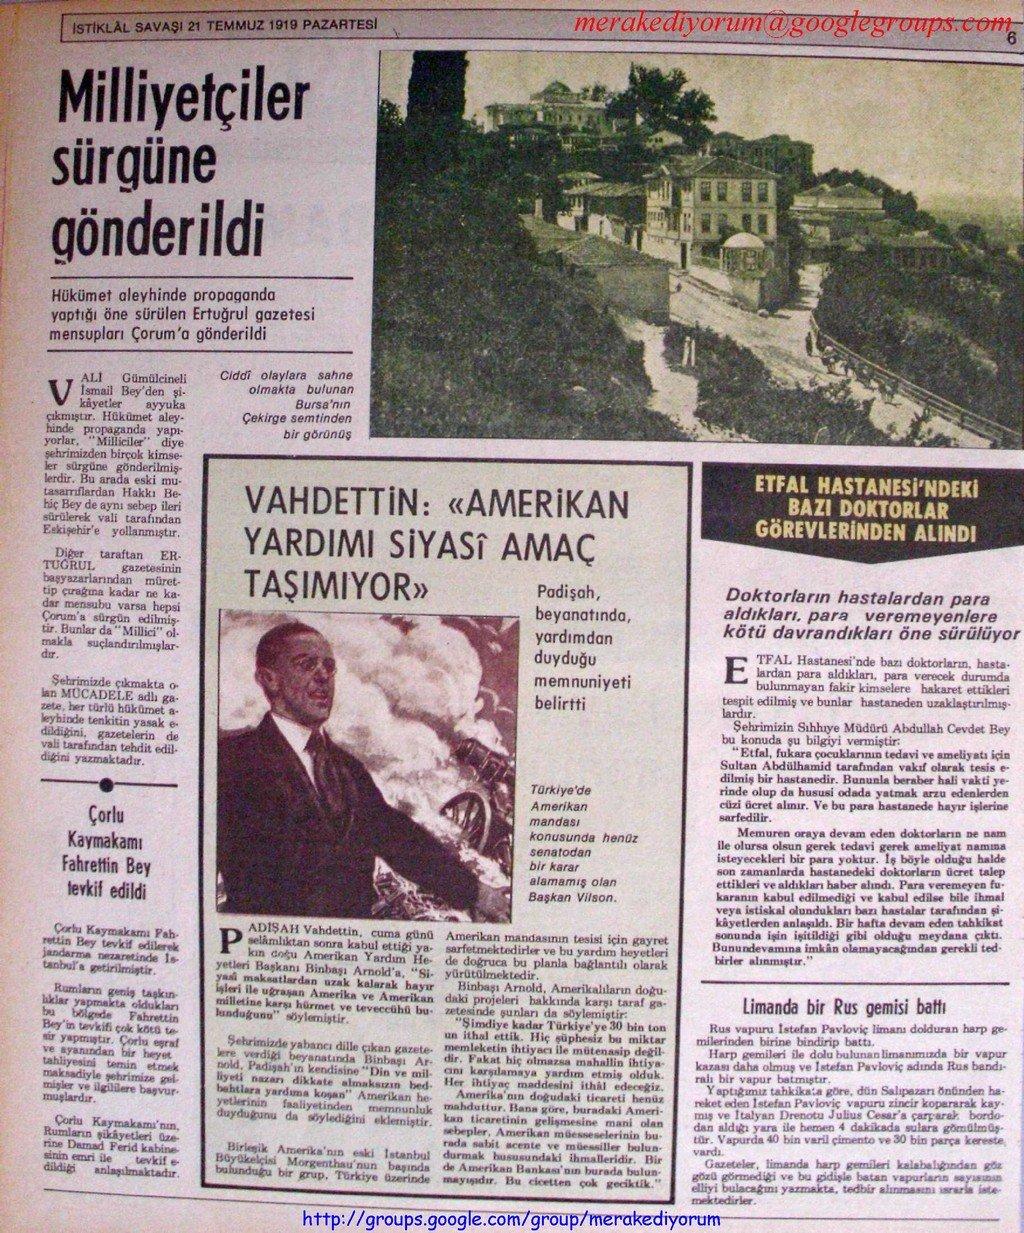 istiklal savaşı gazetesi - 21 temmuz 1919